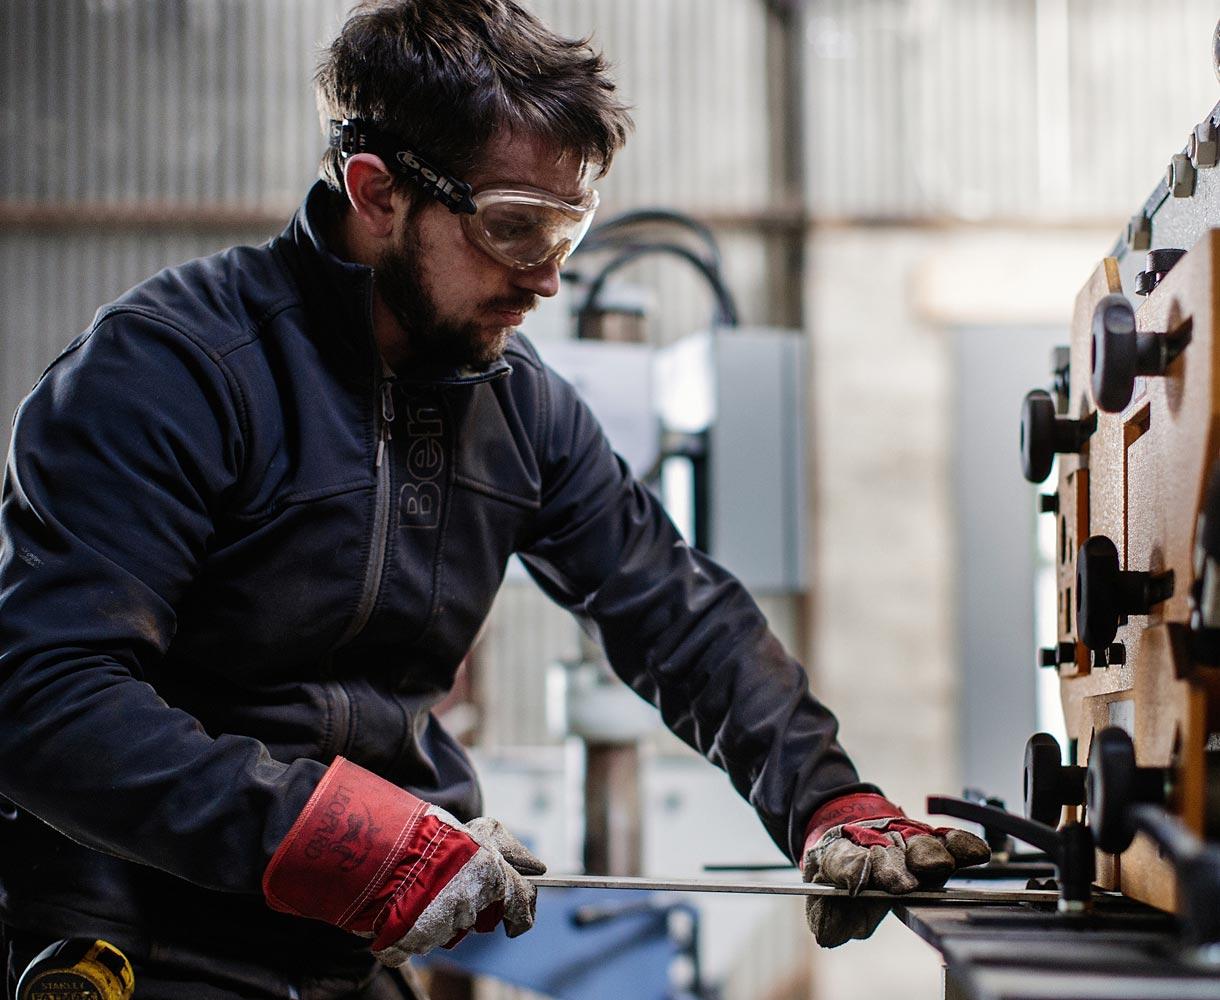 Principle-Brand-Design-Metalworks-Engineering-Shearflint-workshop-1220